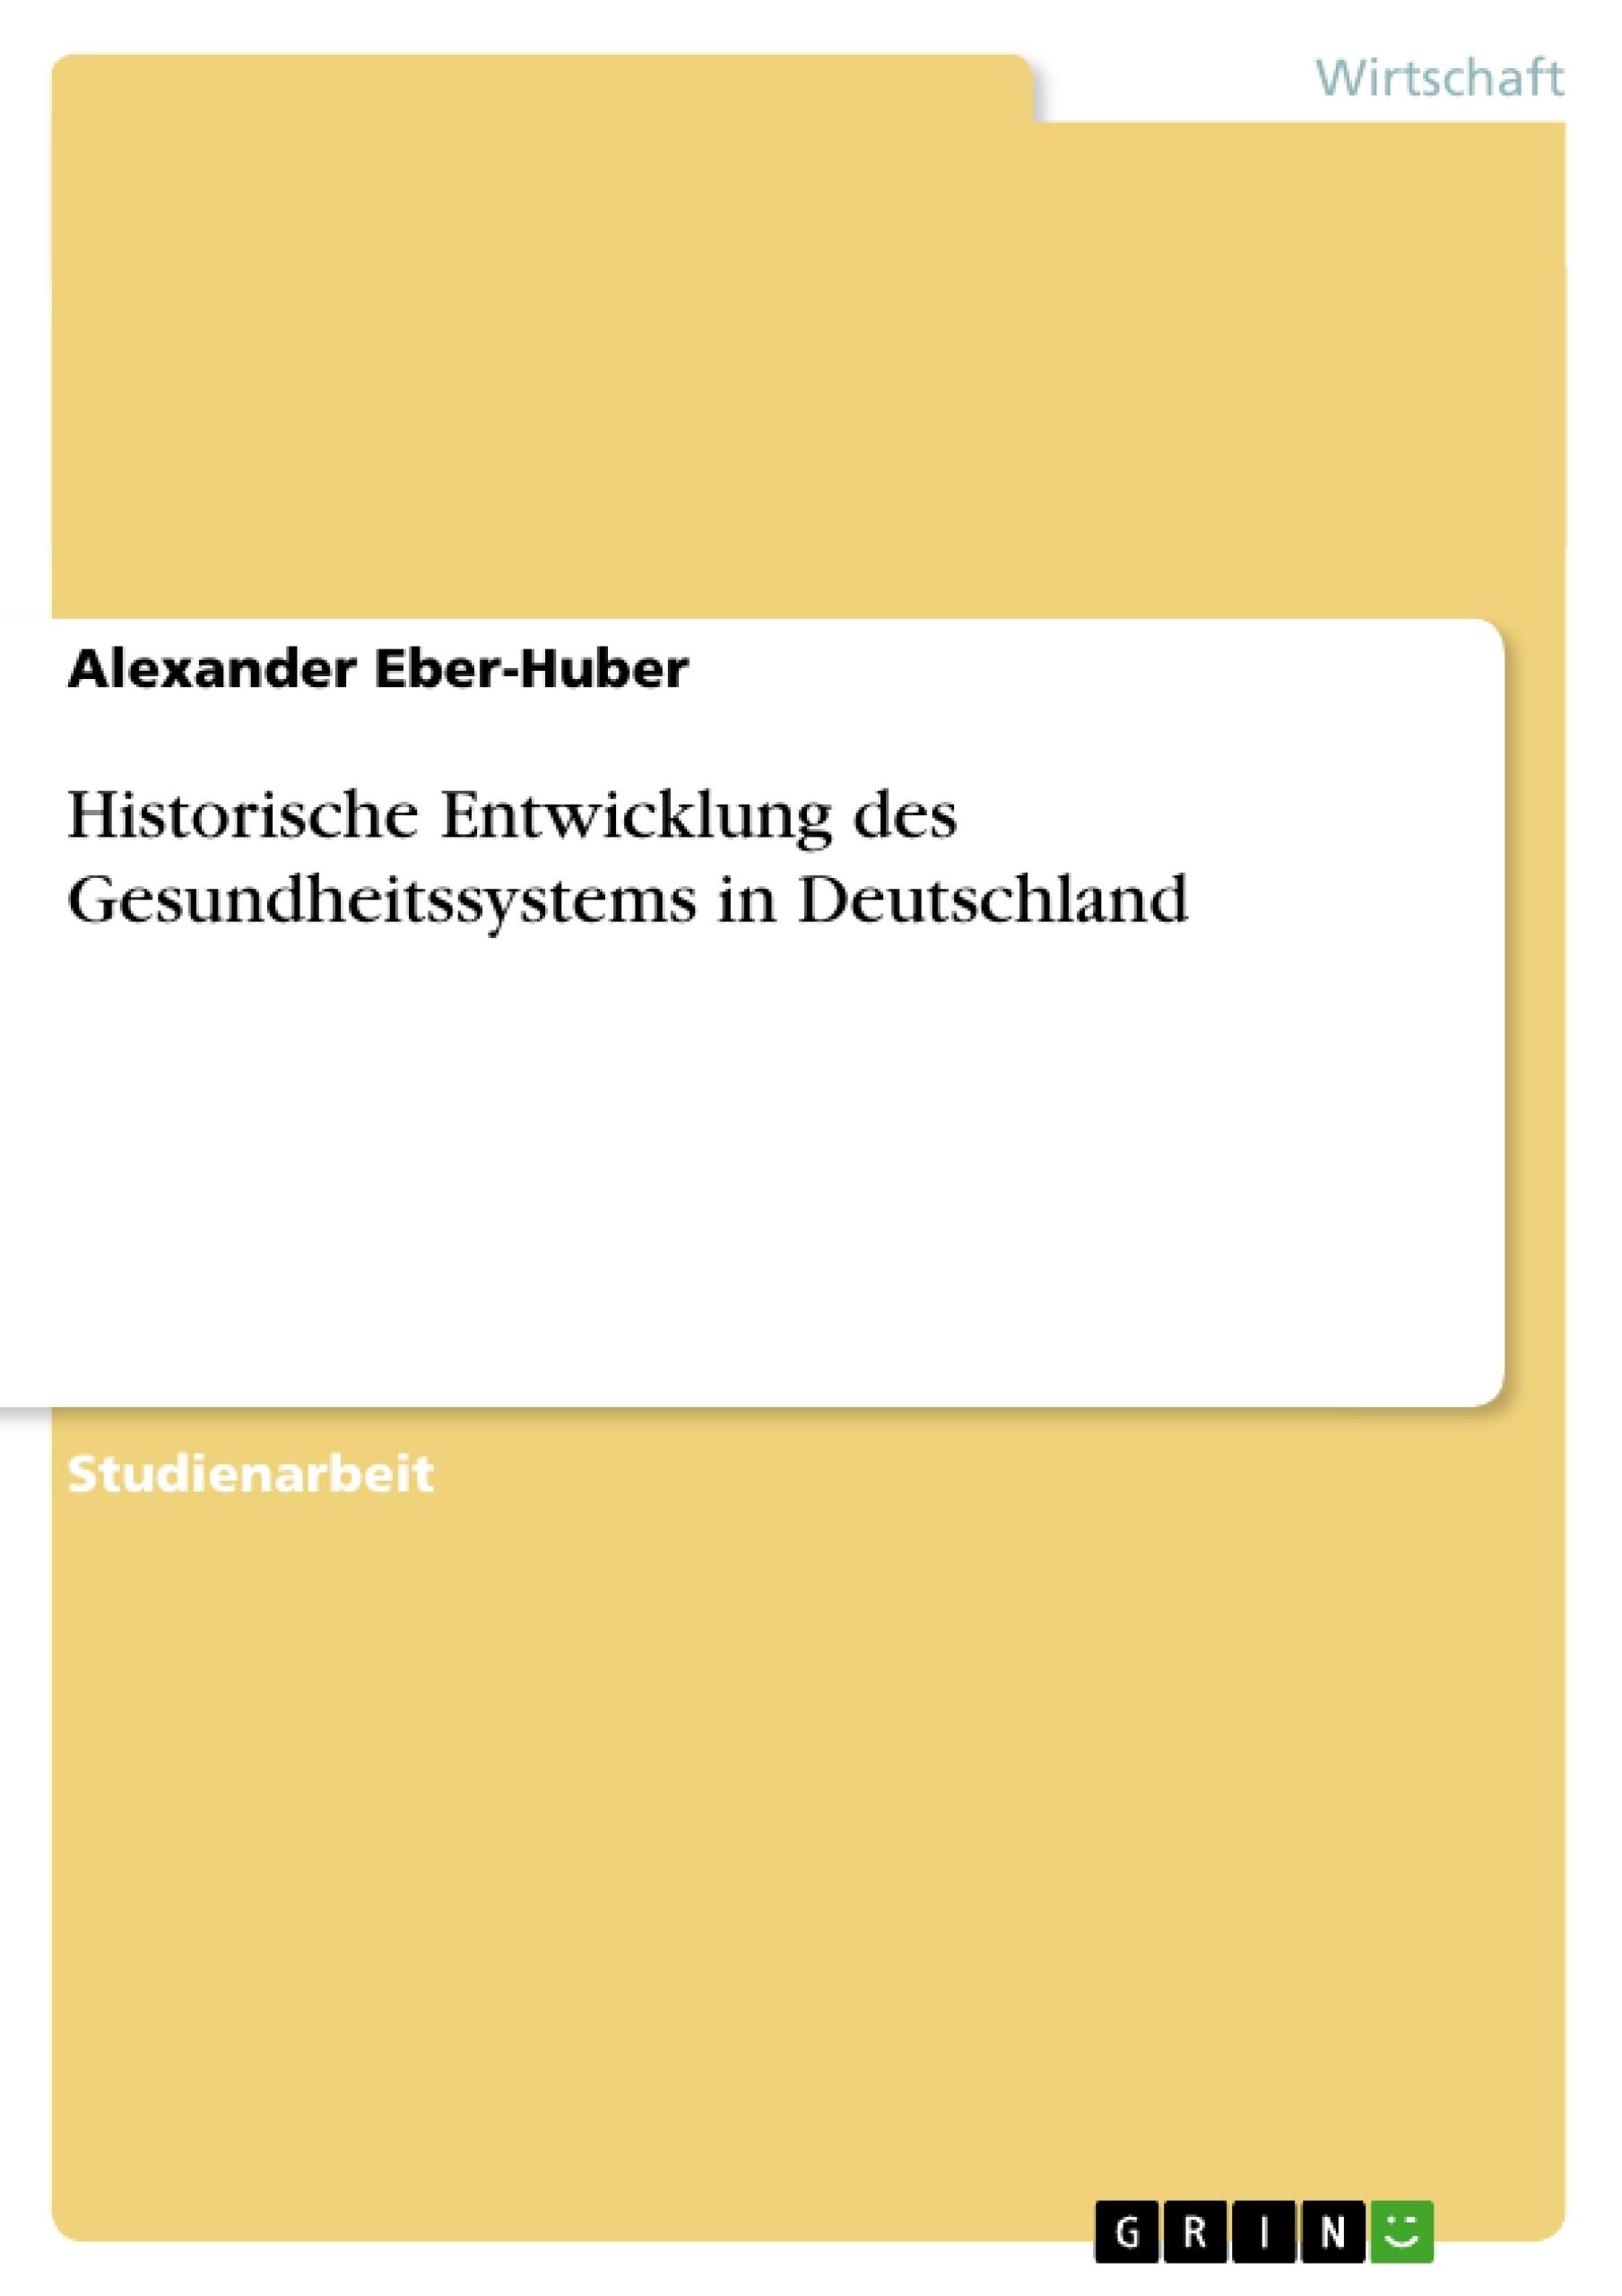 Titel: Historische Entwicklung des Gesundheitssystems in Deutschland